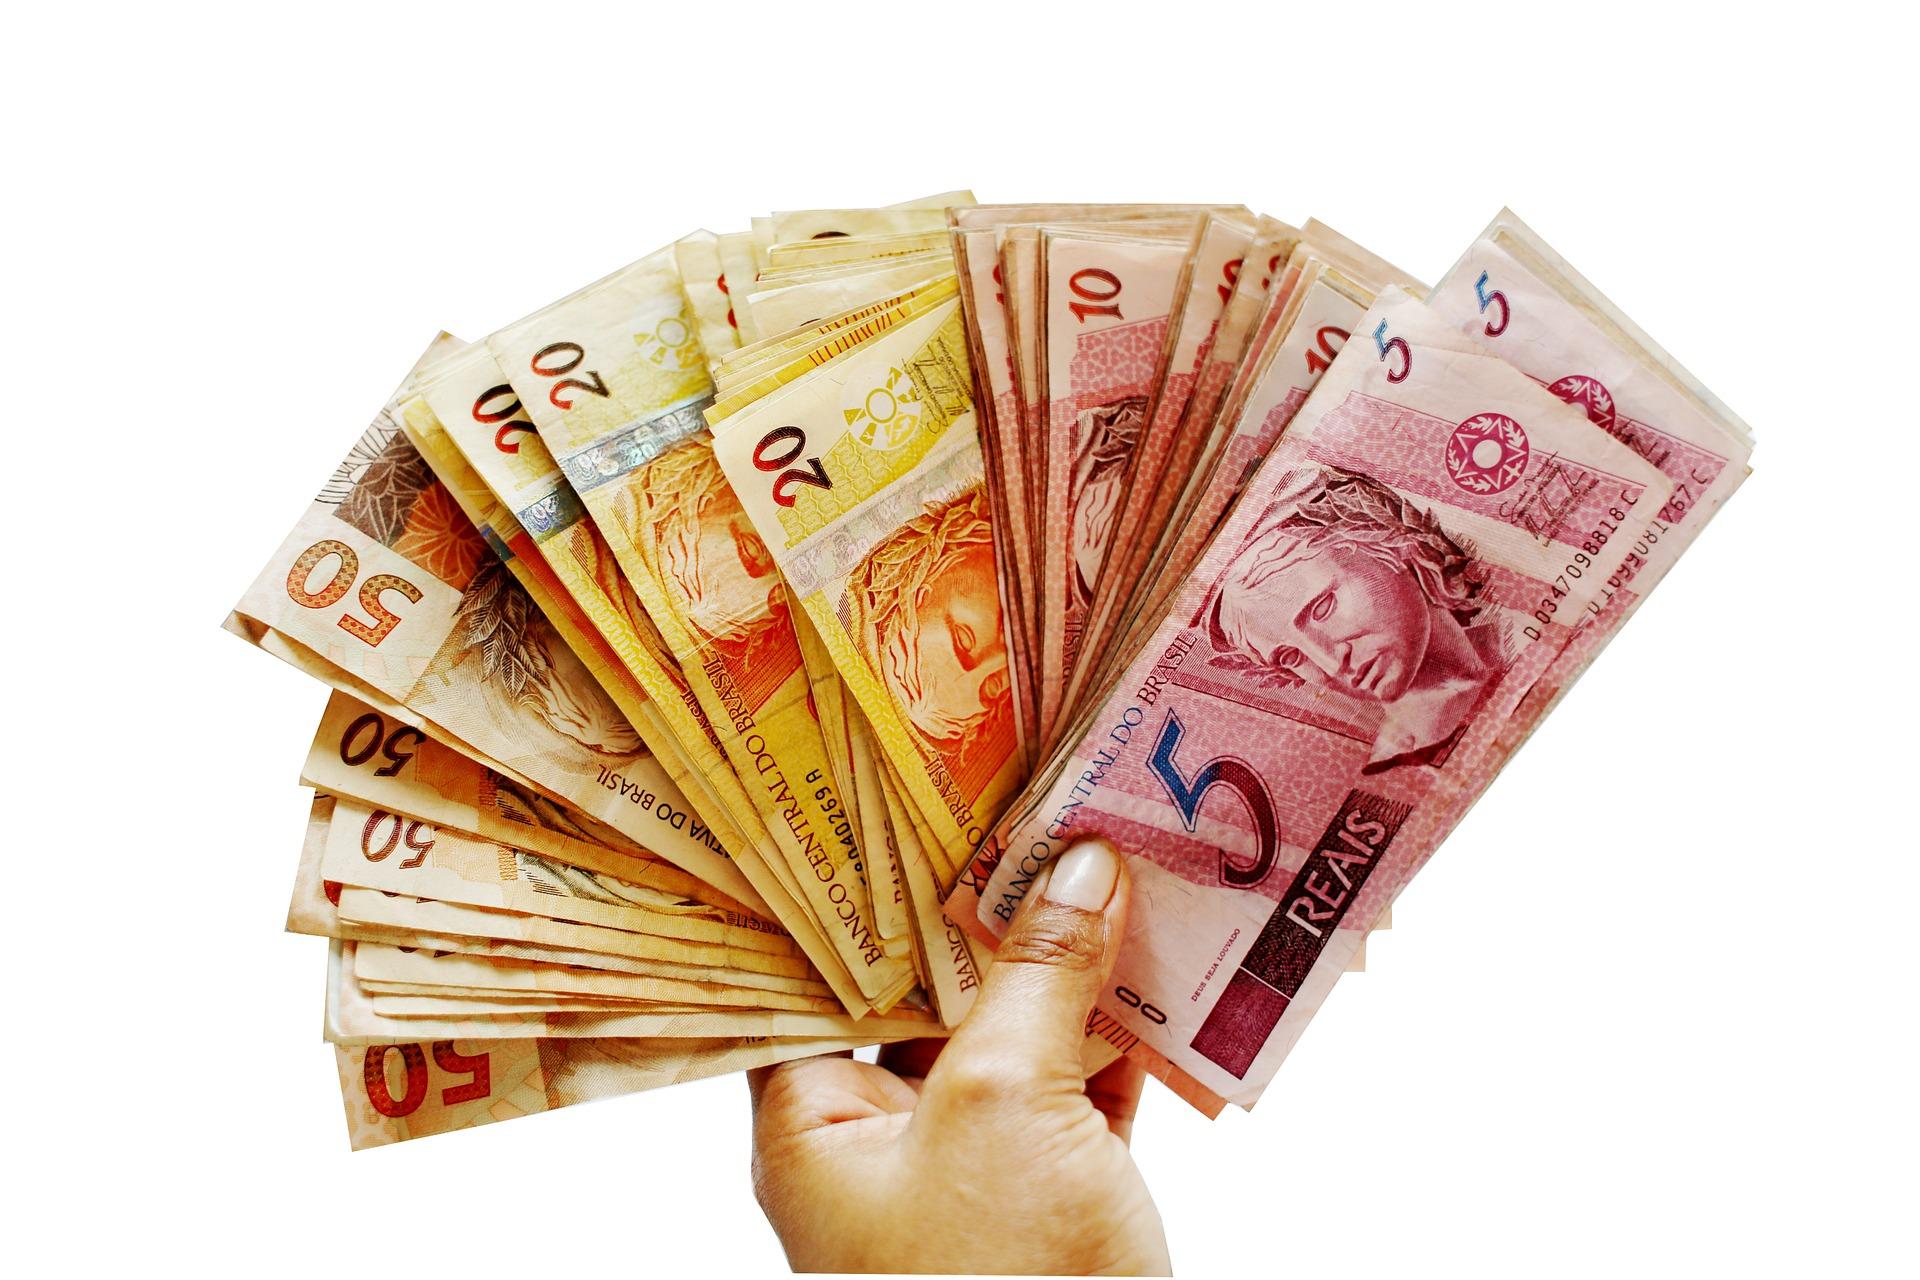 Economia do Brasil deve ter um acréscimo de R$211,2 bilhões com 13°